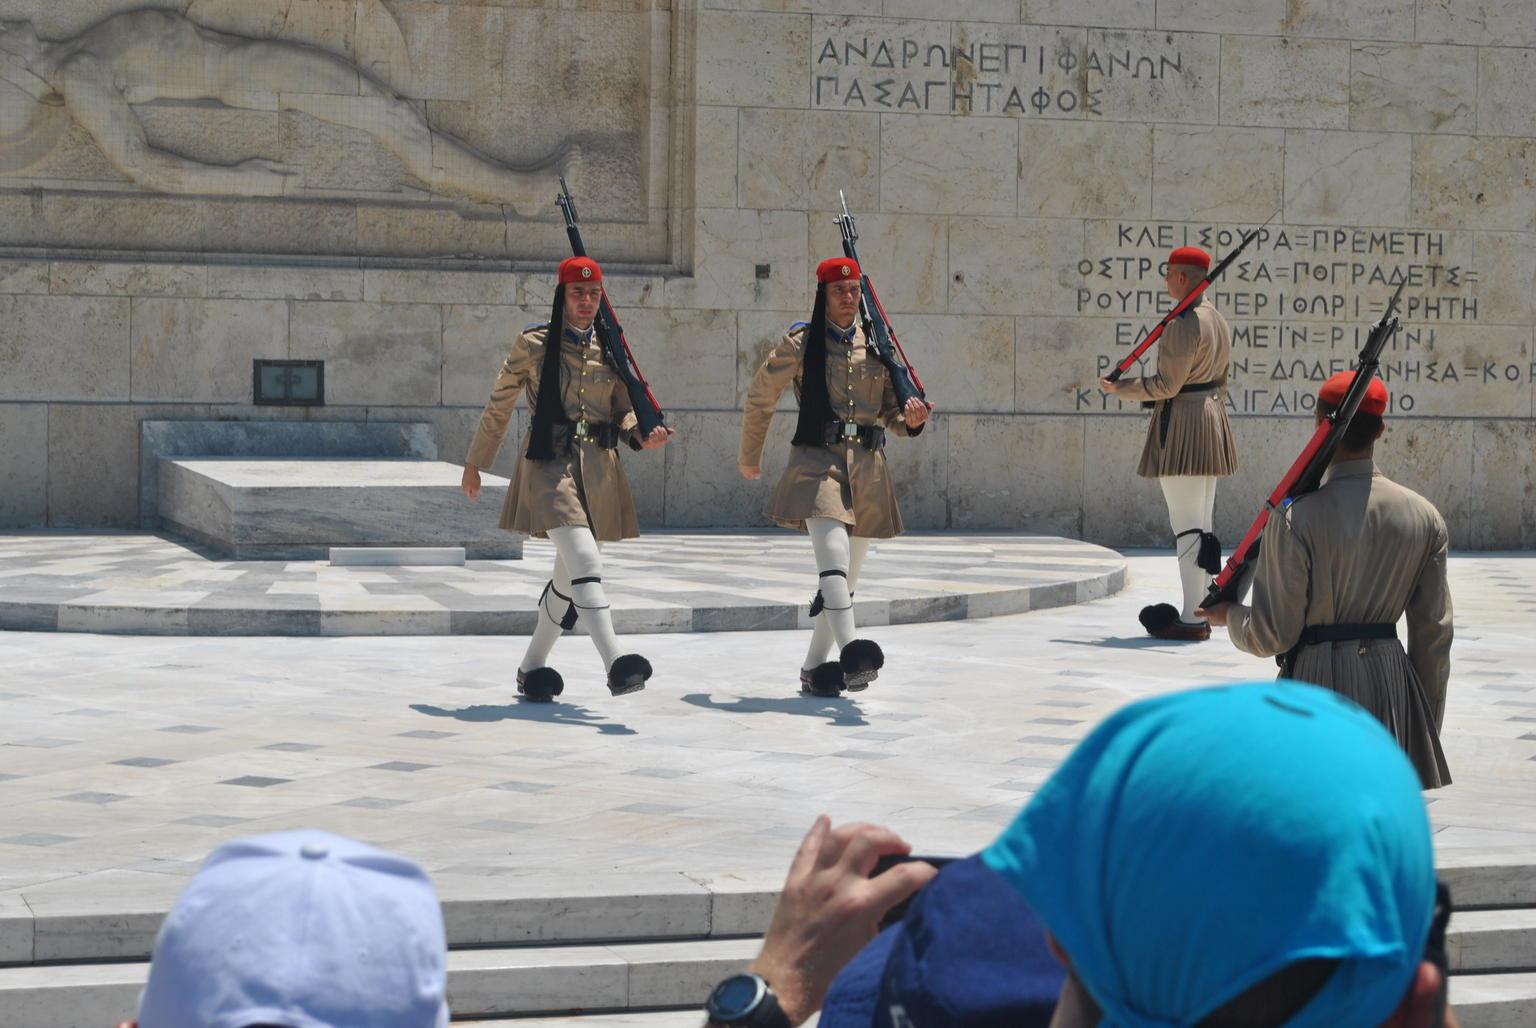 MÁS FOTOS, Recorrido privado: Puntos de interés de la ciudad de Atenas, incluida la Acrópolis de Atenas